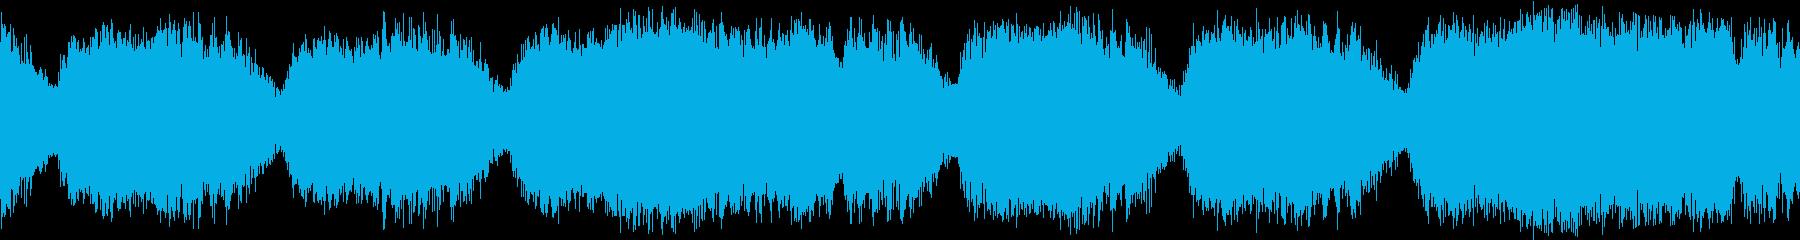 シーン・魔王・ループ・オーケストラの再生済みの波形